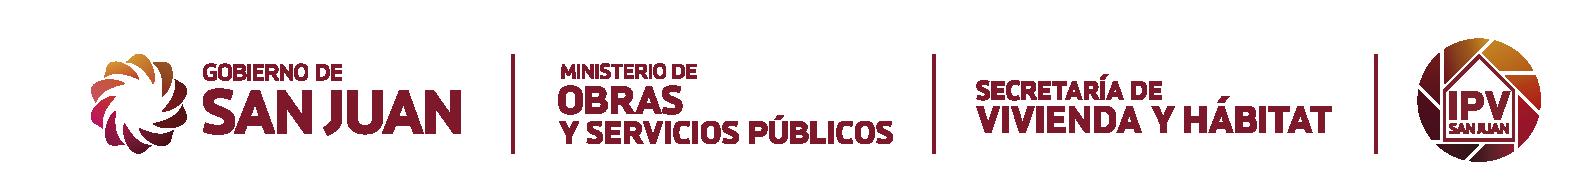 Isologo Gobierno de San Juan